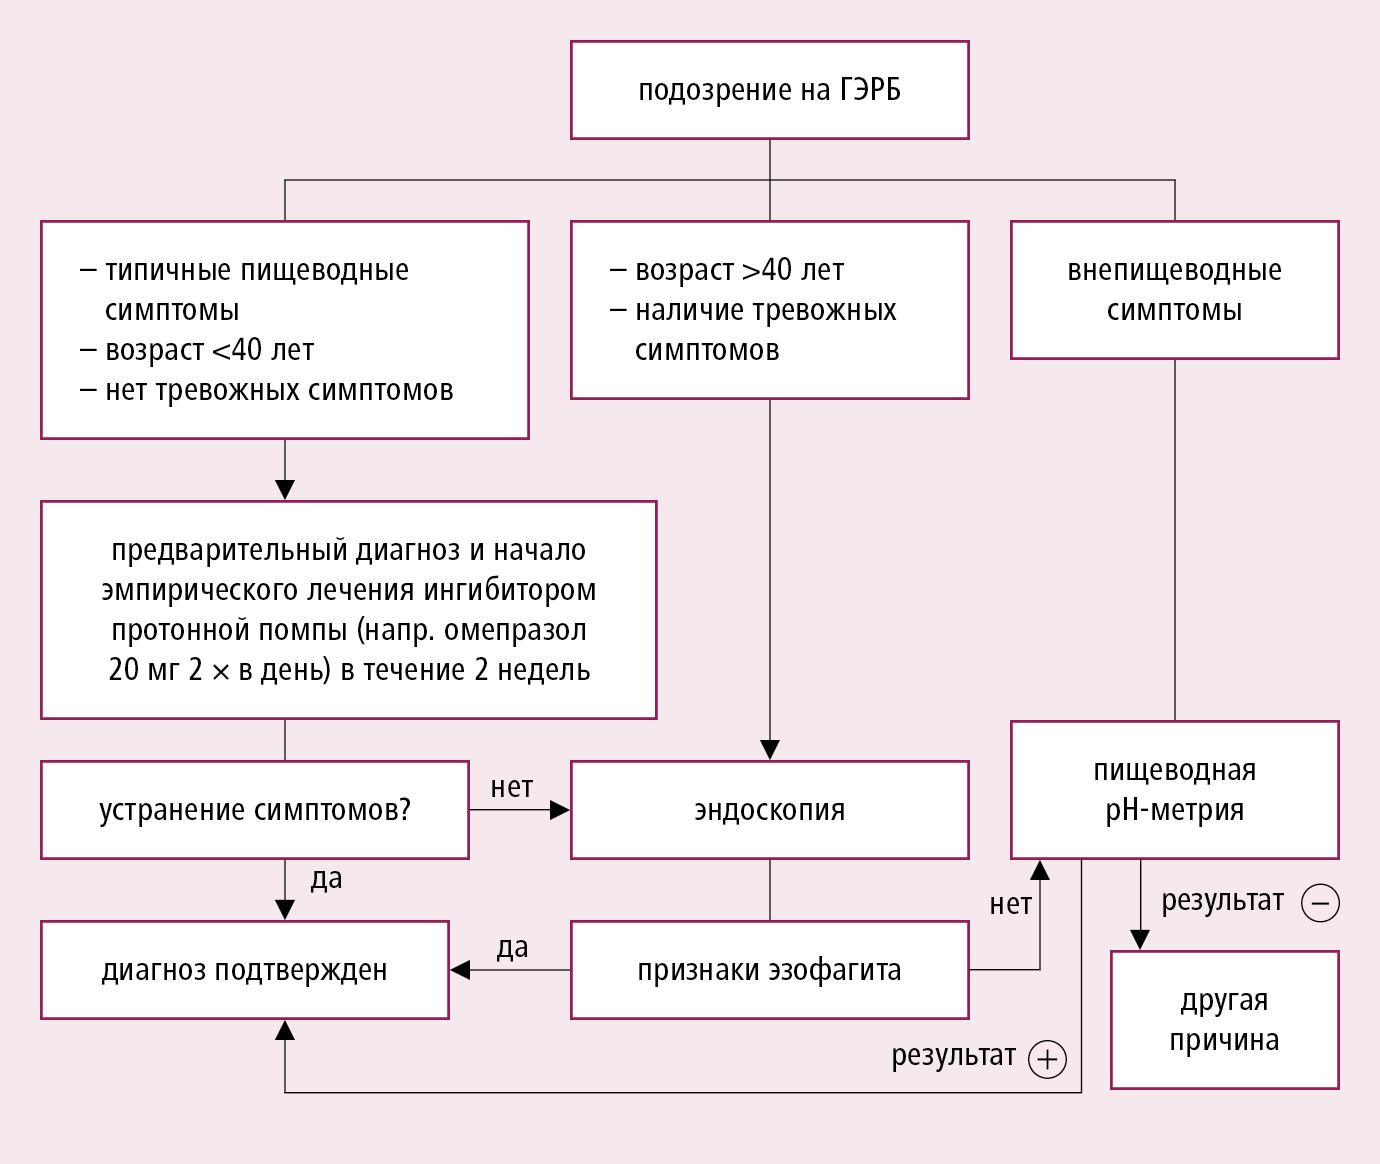 Алгоритм действий при гастроезофагеальной рефлюксной болезни пищевода